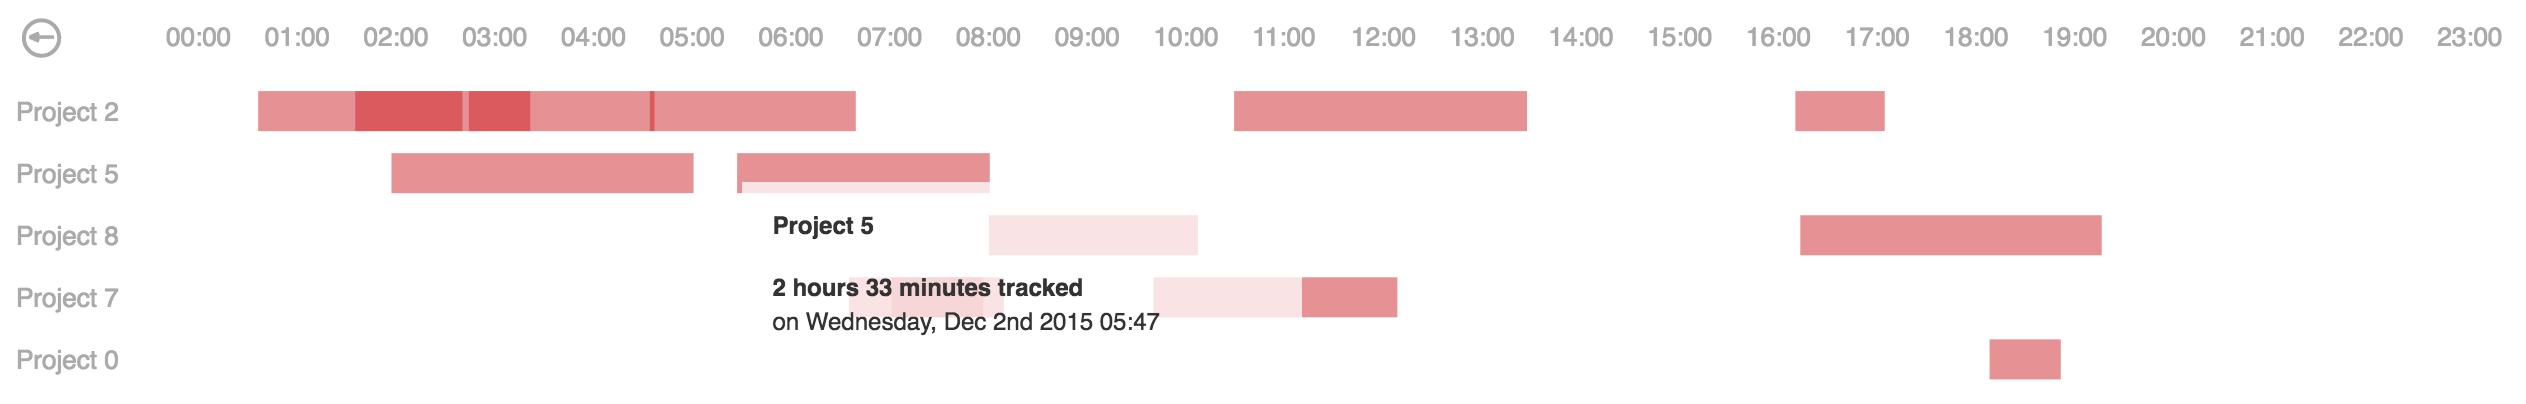 calendar-heatmap-graph - npm